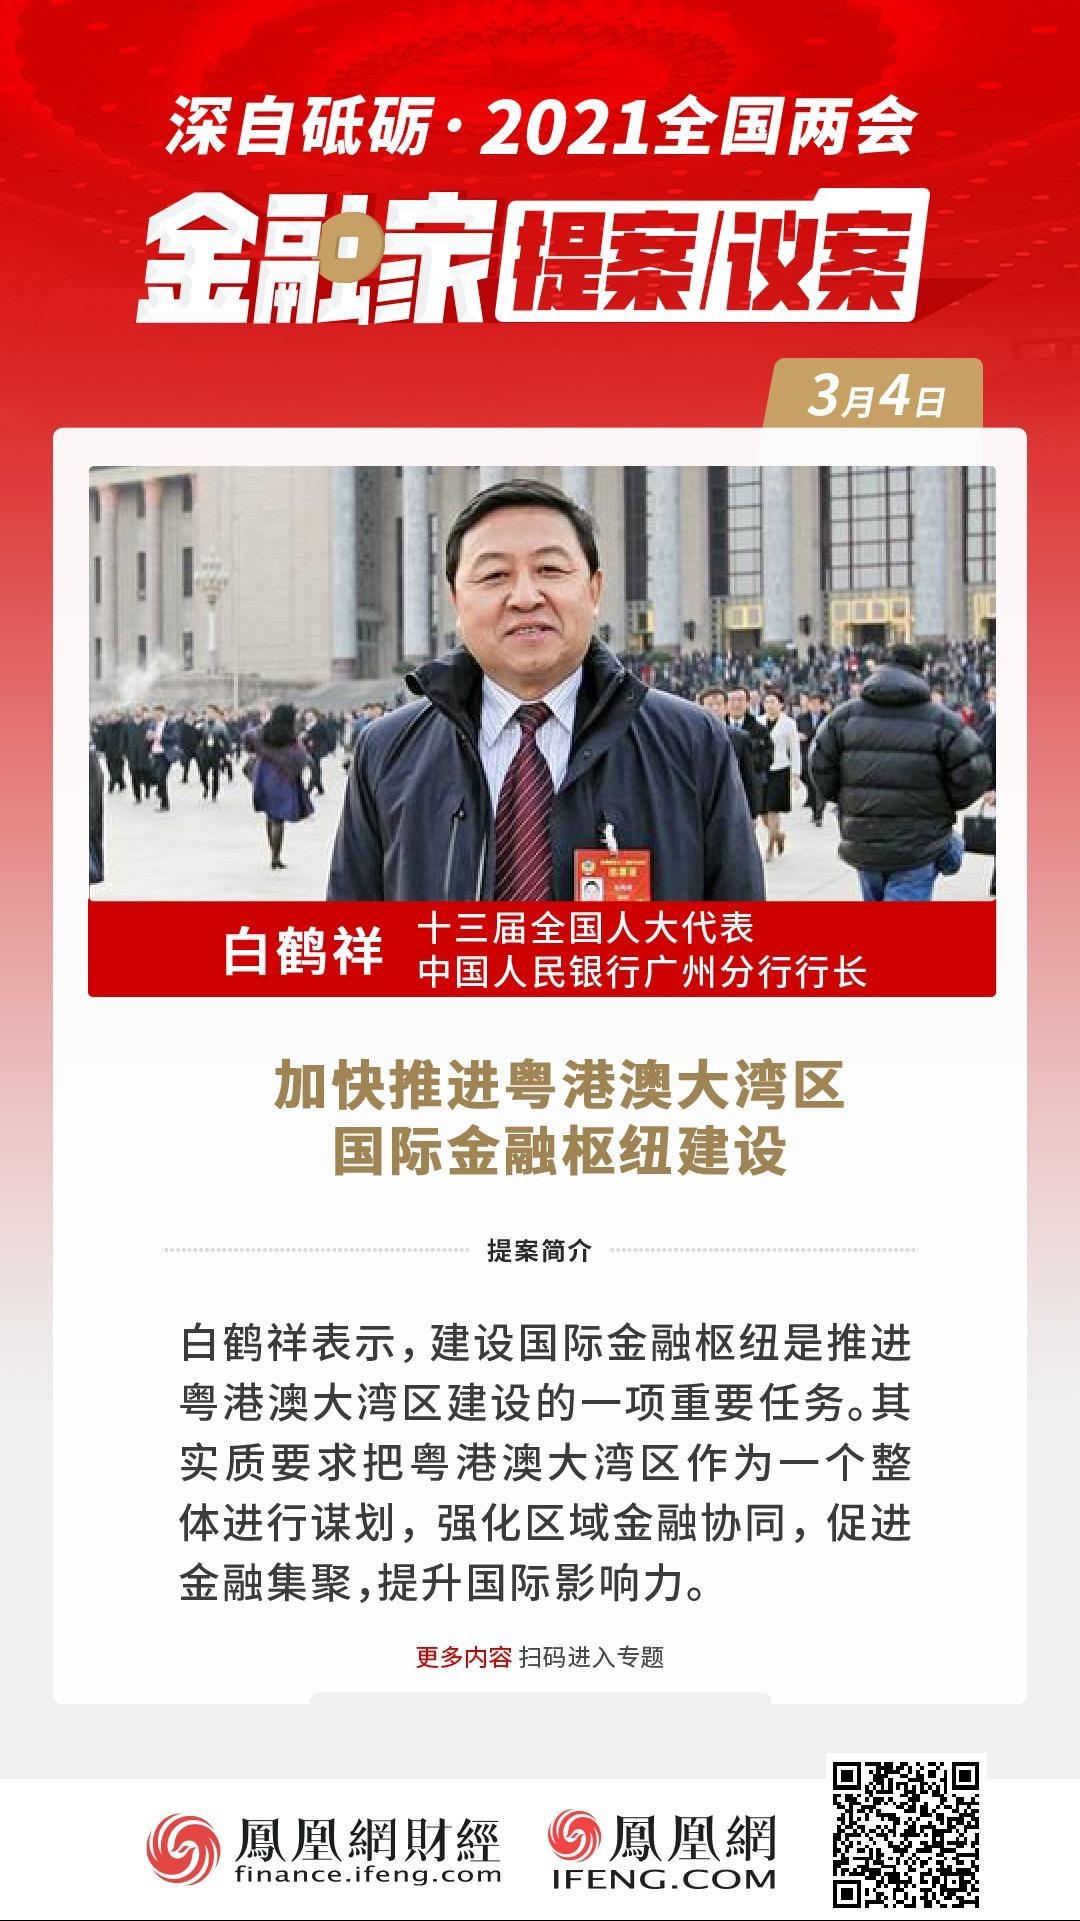 全国人大代表、中国人民银行广州分行行长白鹤祥:加快推进粤港澳大湾区国际金融枢纽建设